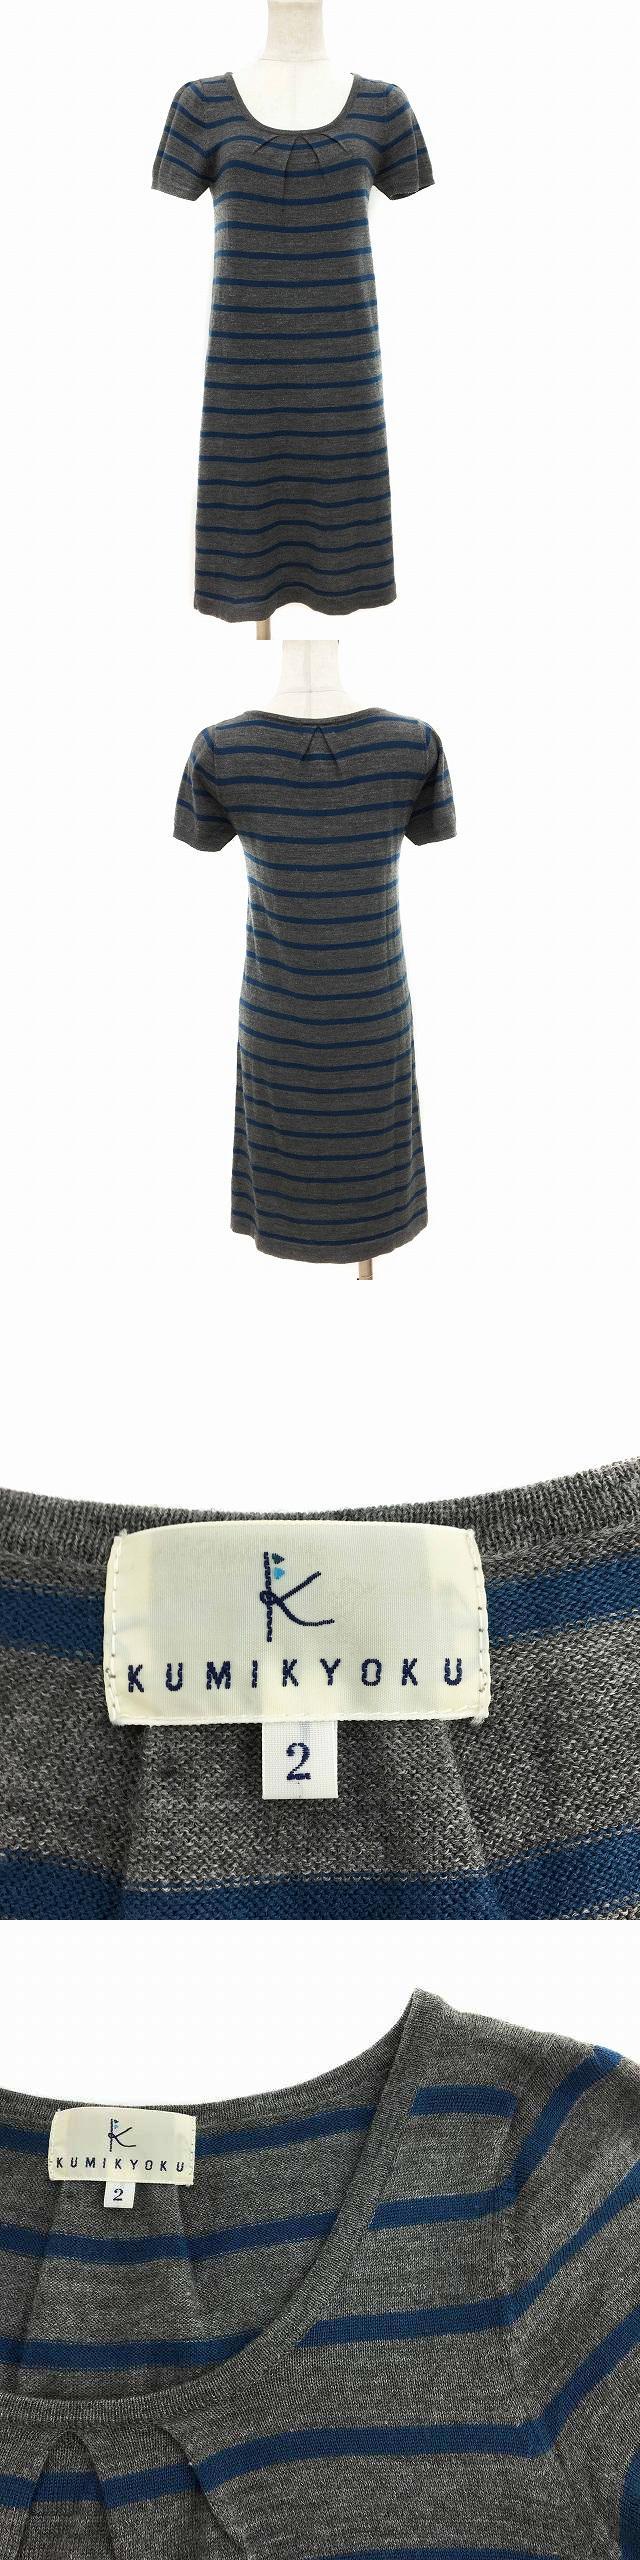 ワンピース ニット 半袖 ひざ丈 ボーダー 2 グレー 青 ブルー LEK